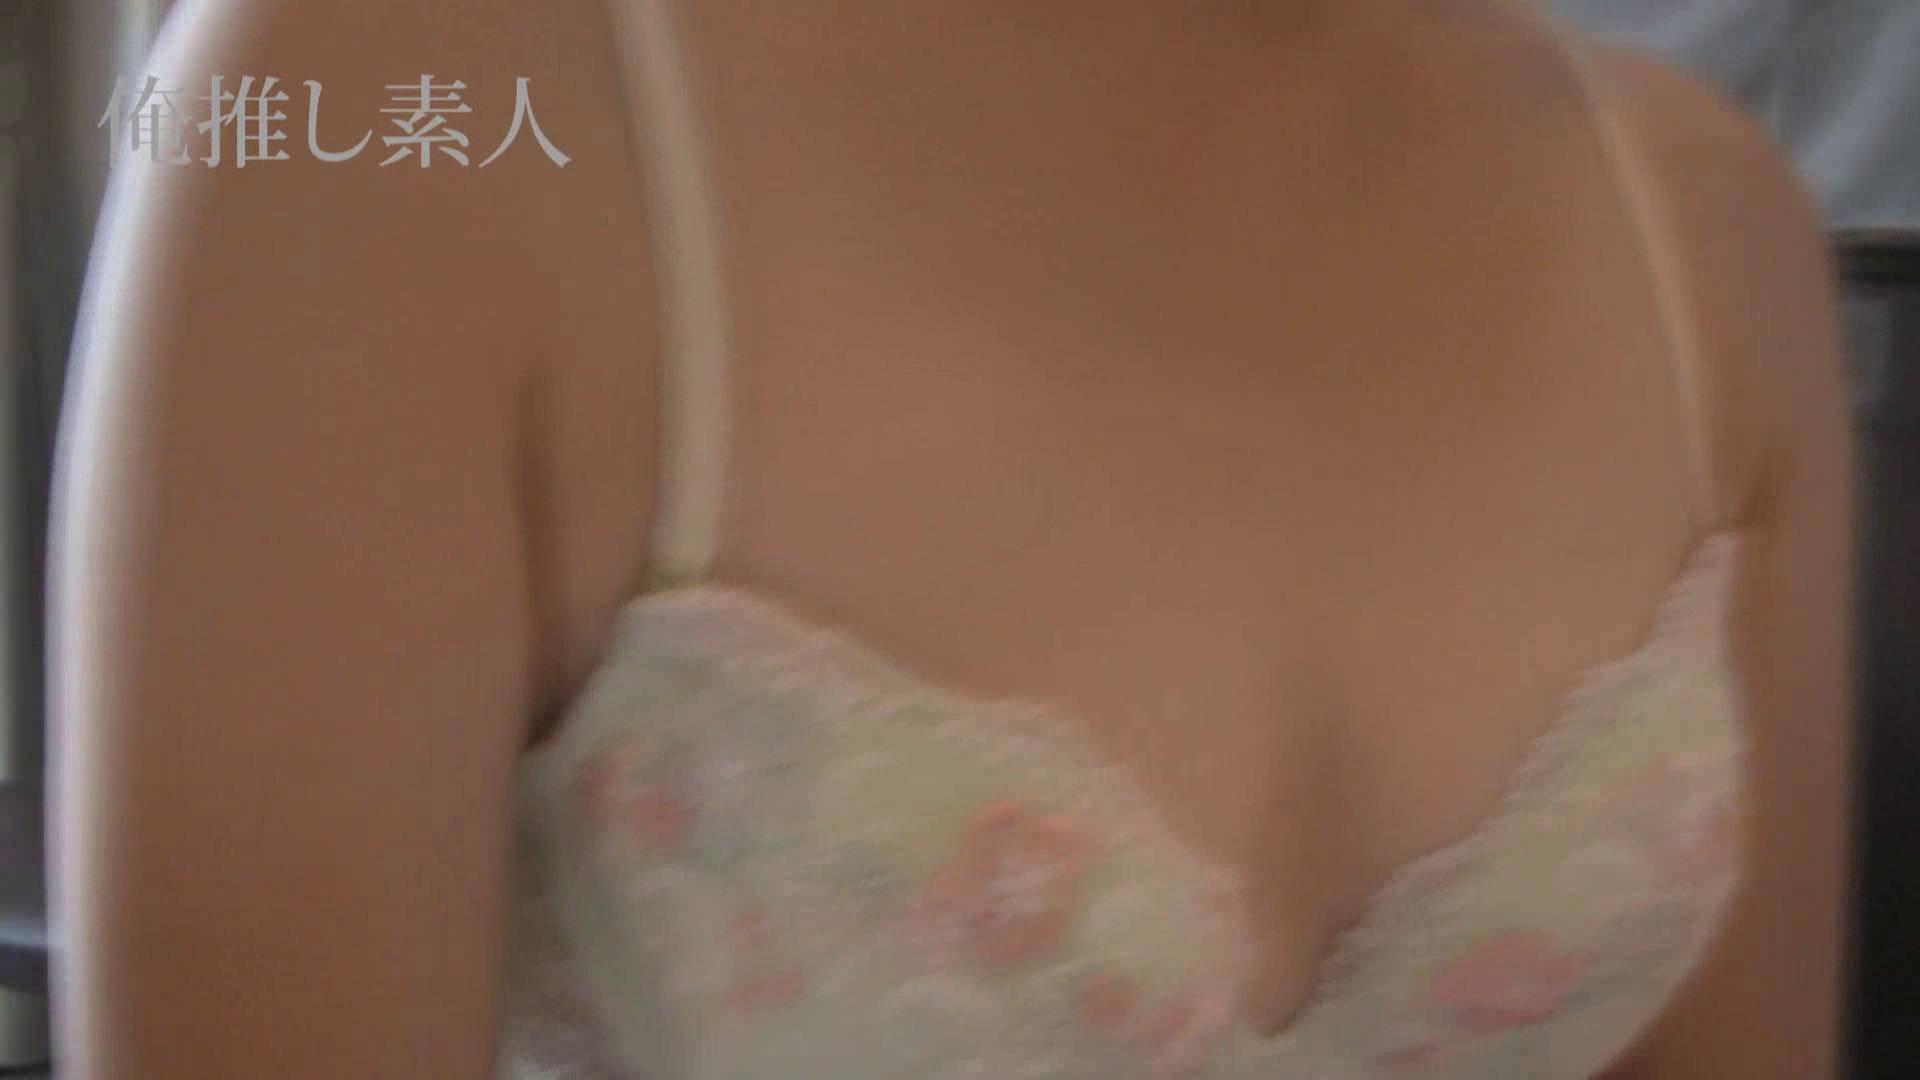 俺推し素人 キャバクラ嬢26歳久美vol5 フェラ エロ無料画像 53PIX 8